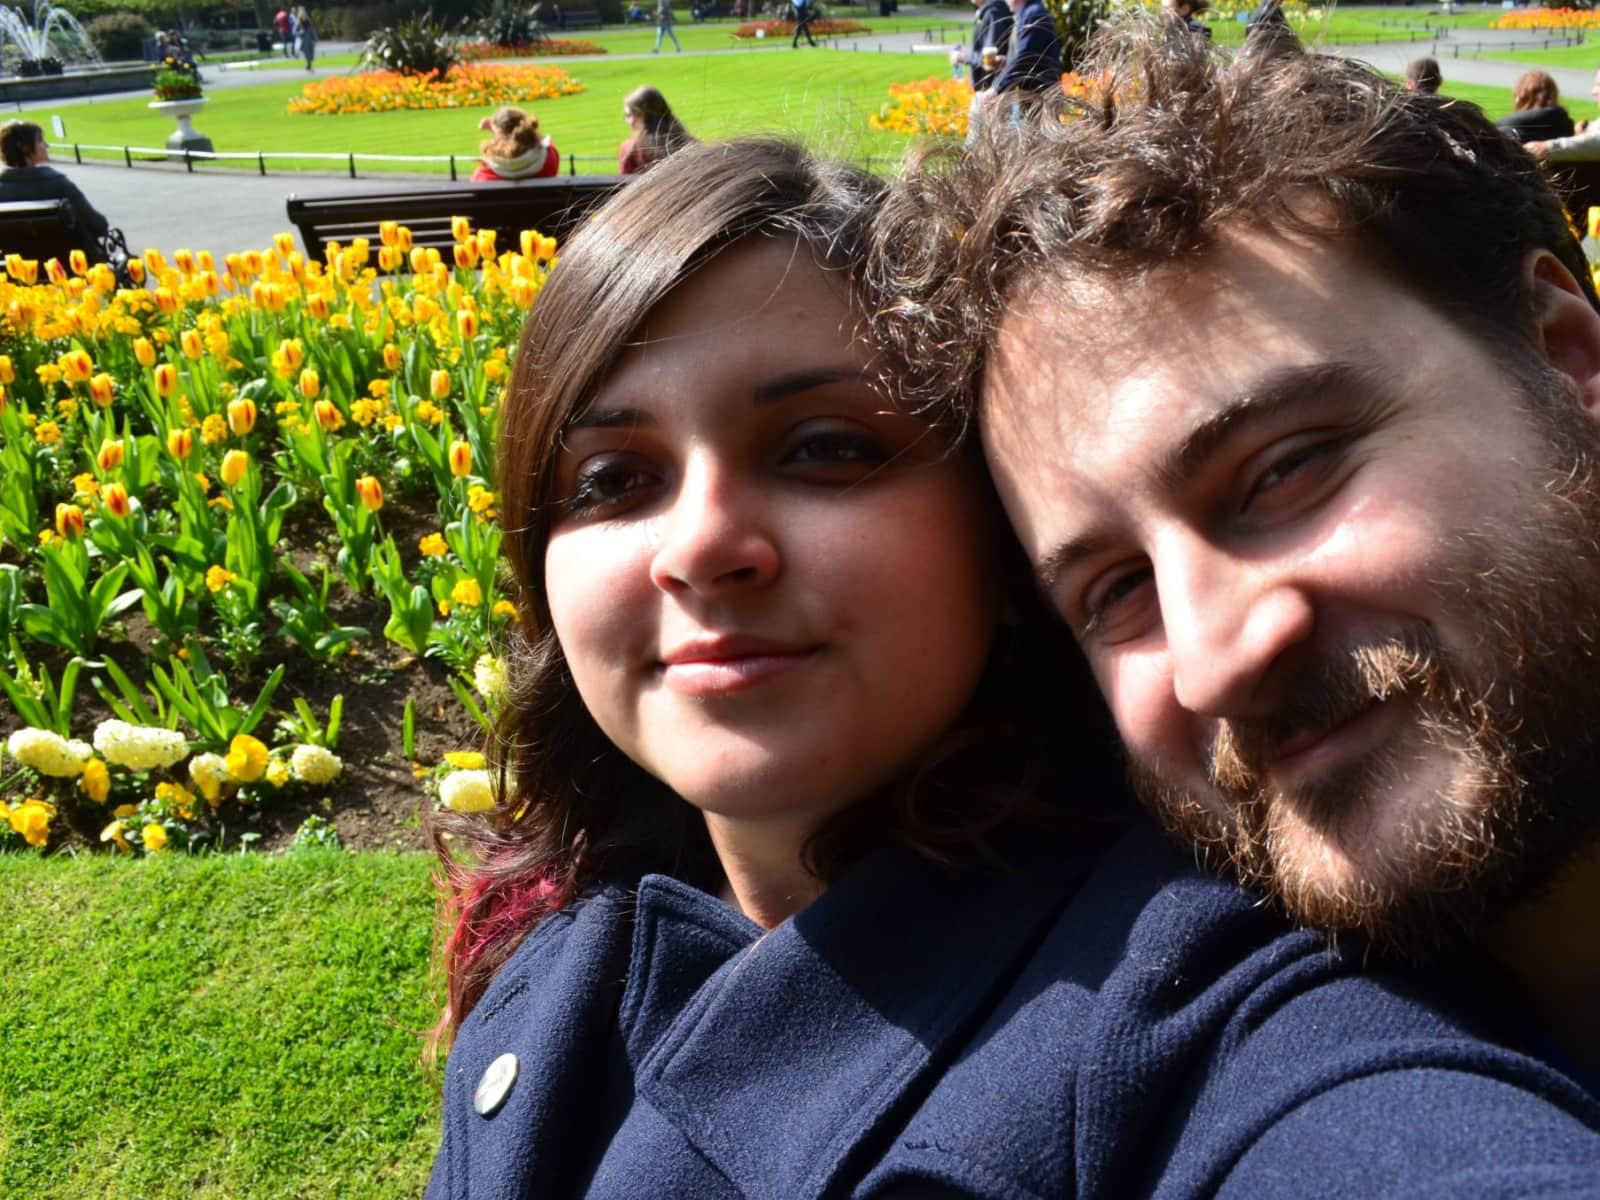 Barbara & Carlos from Kilkenny, Ireland